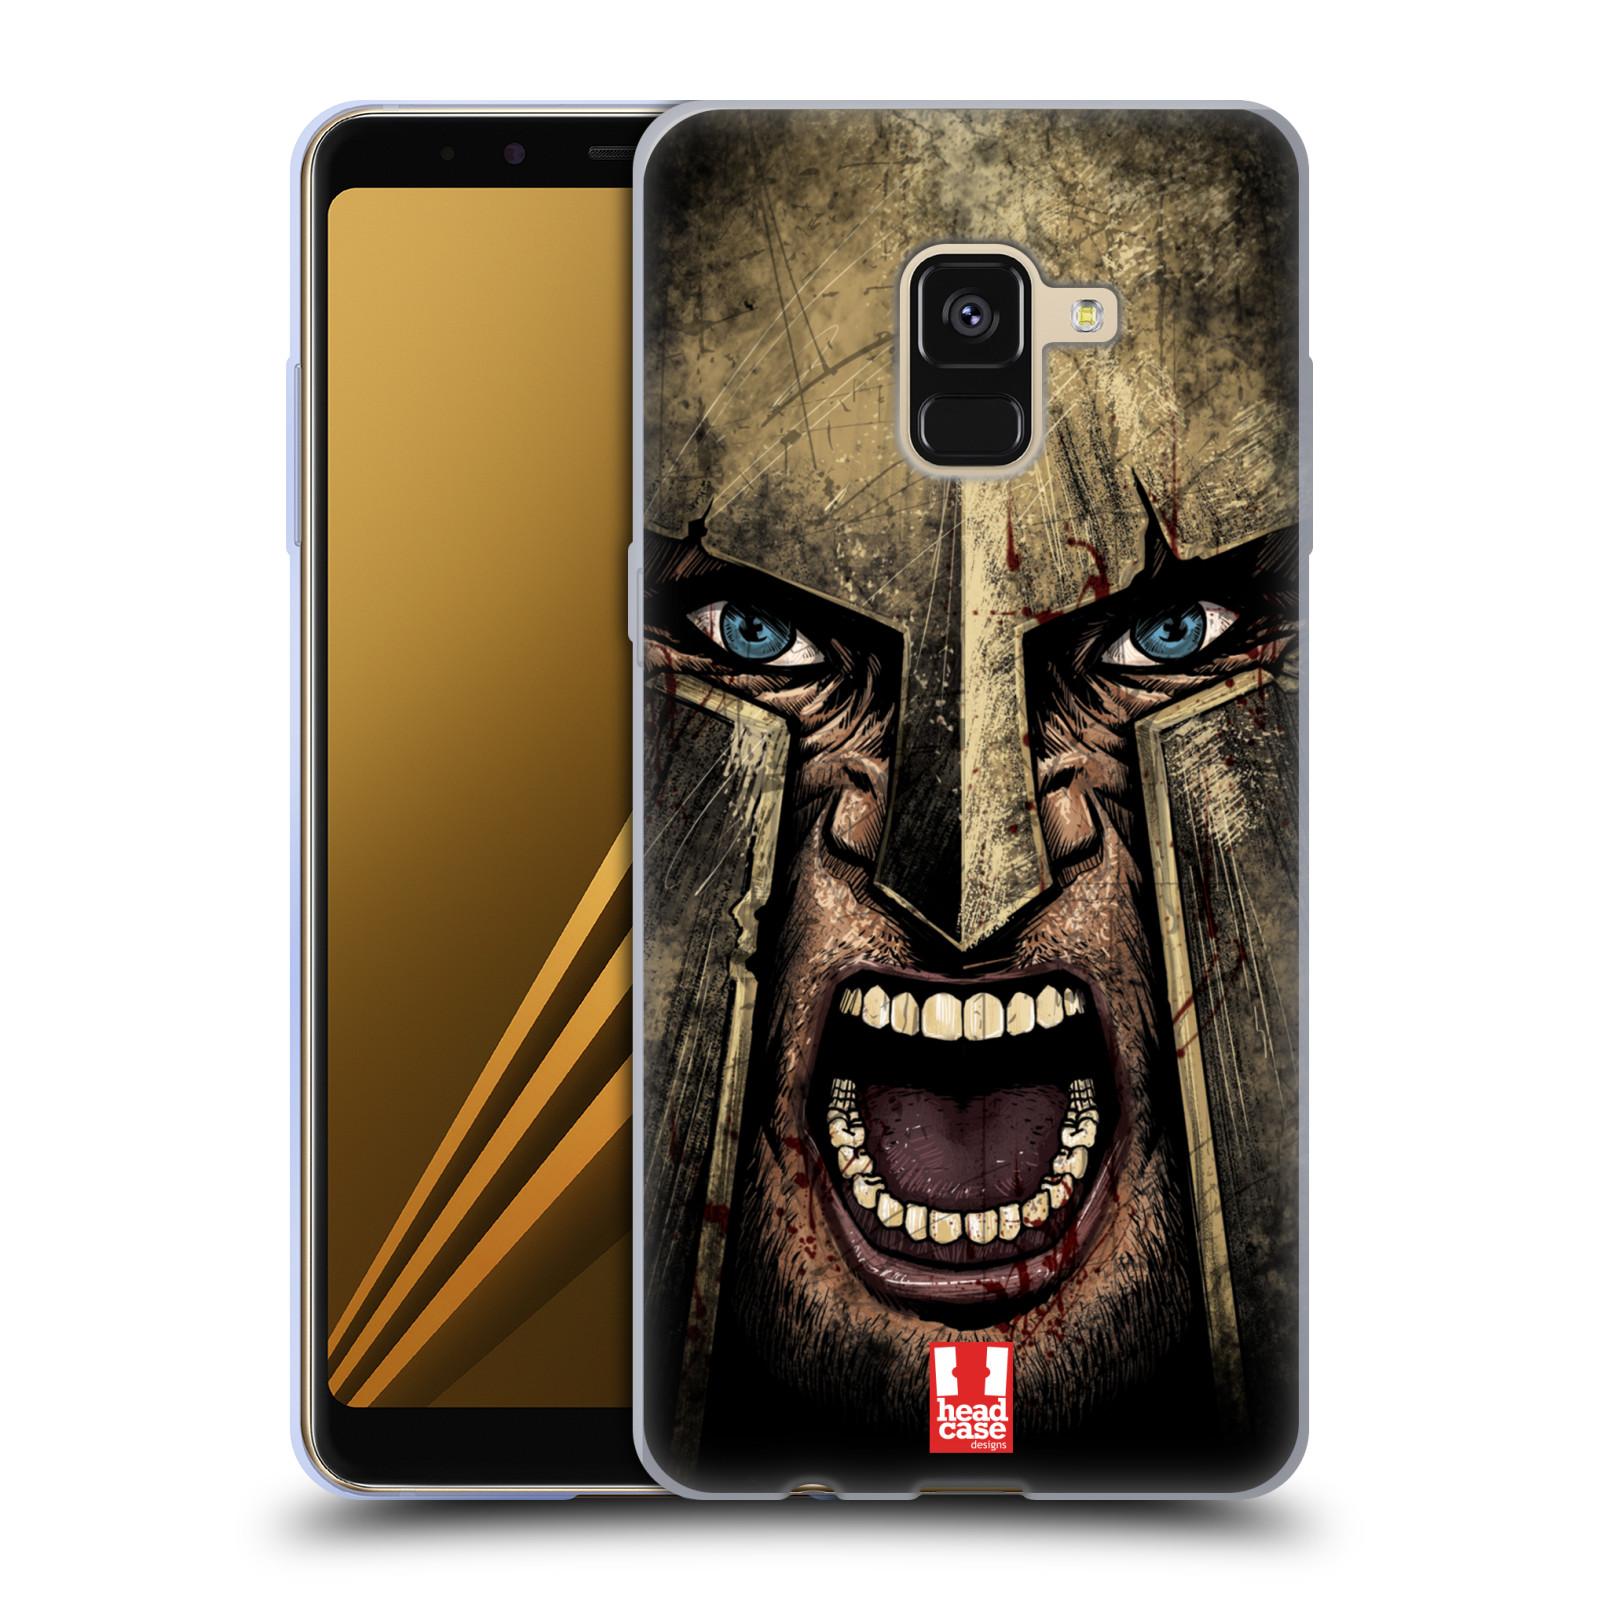 Silikonové pouzdro na mobil Samsung Galaxy A8 (2018) - Head Case - Řvoucí válečník